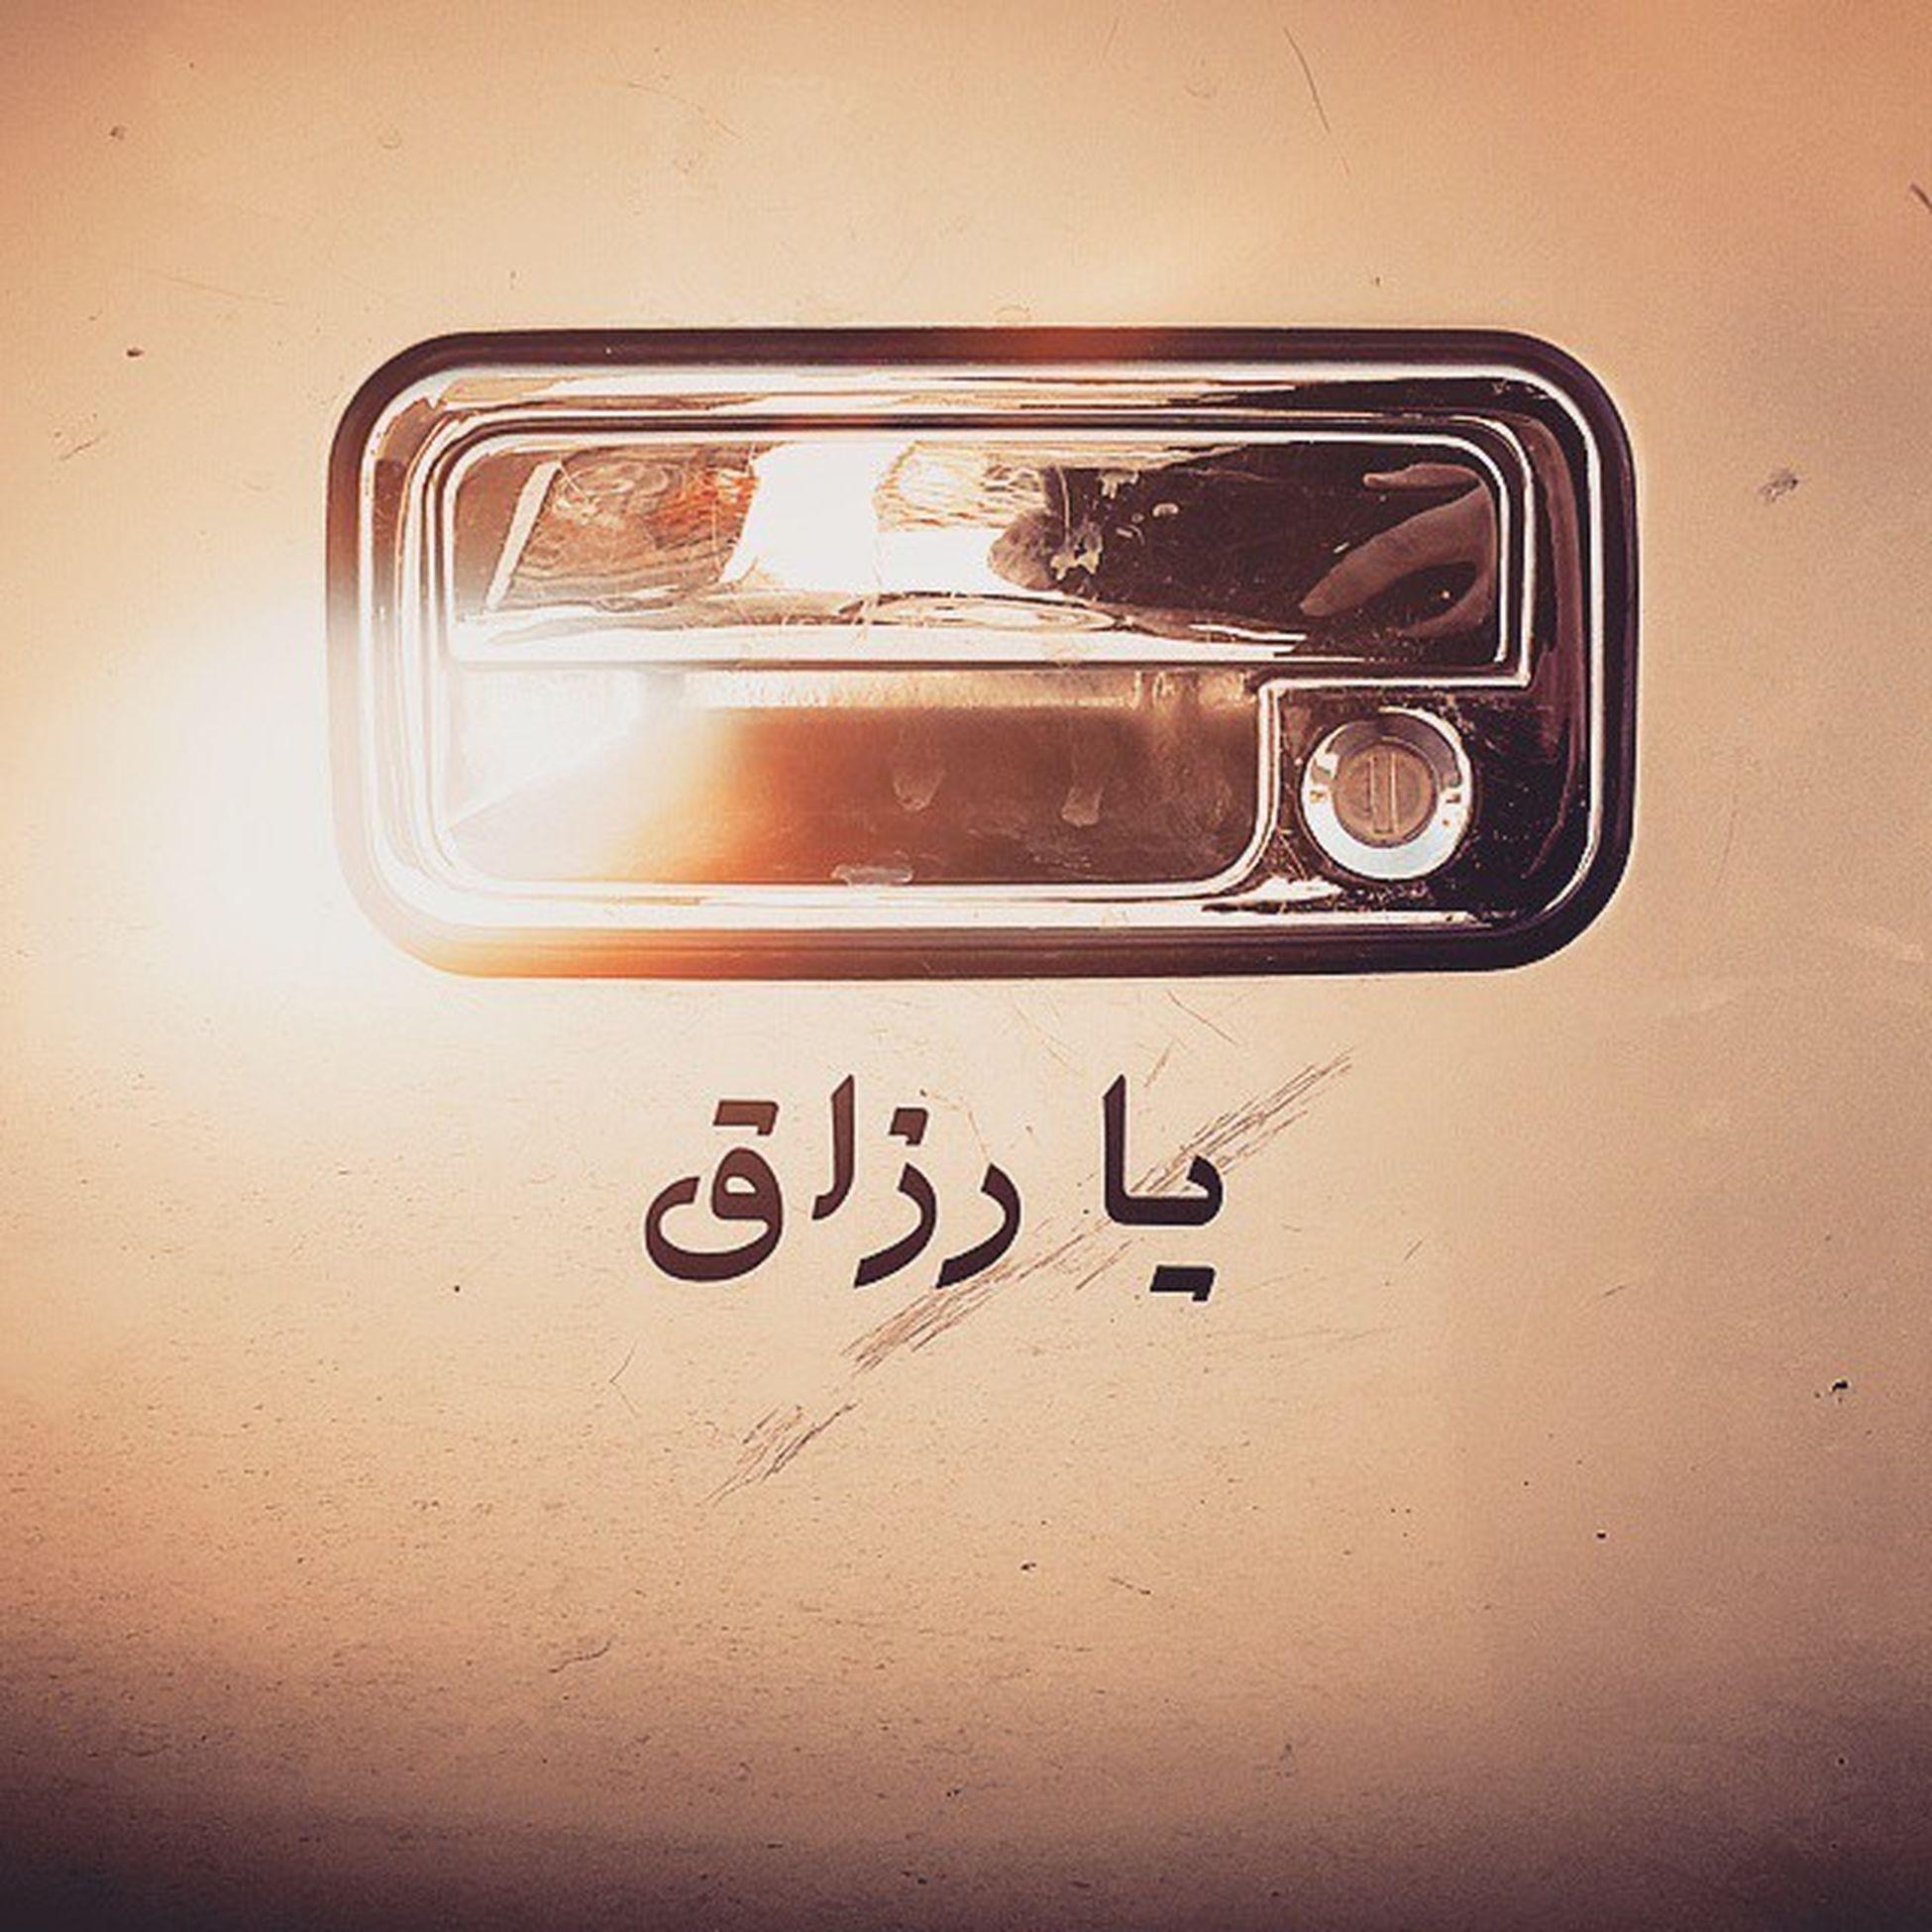 . یا_رزاق سلام . . . بسم_الله_الرحمن_الرحیم